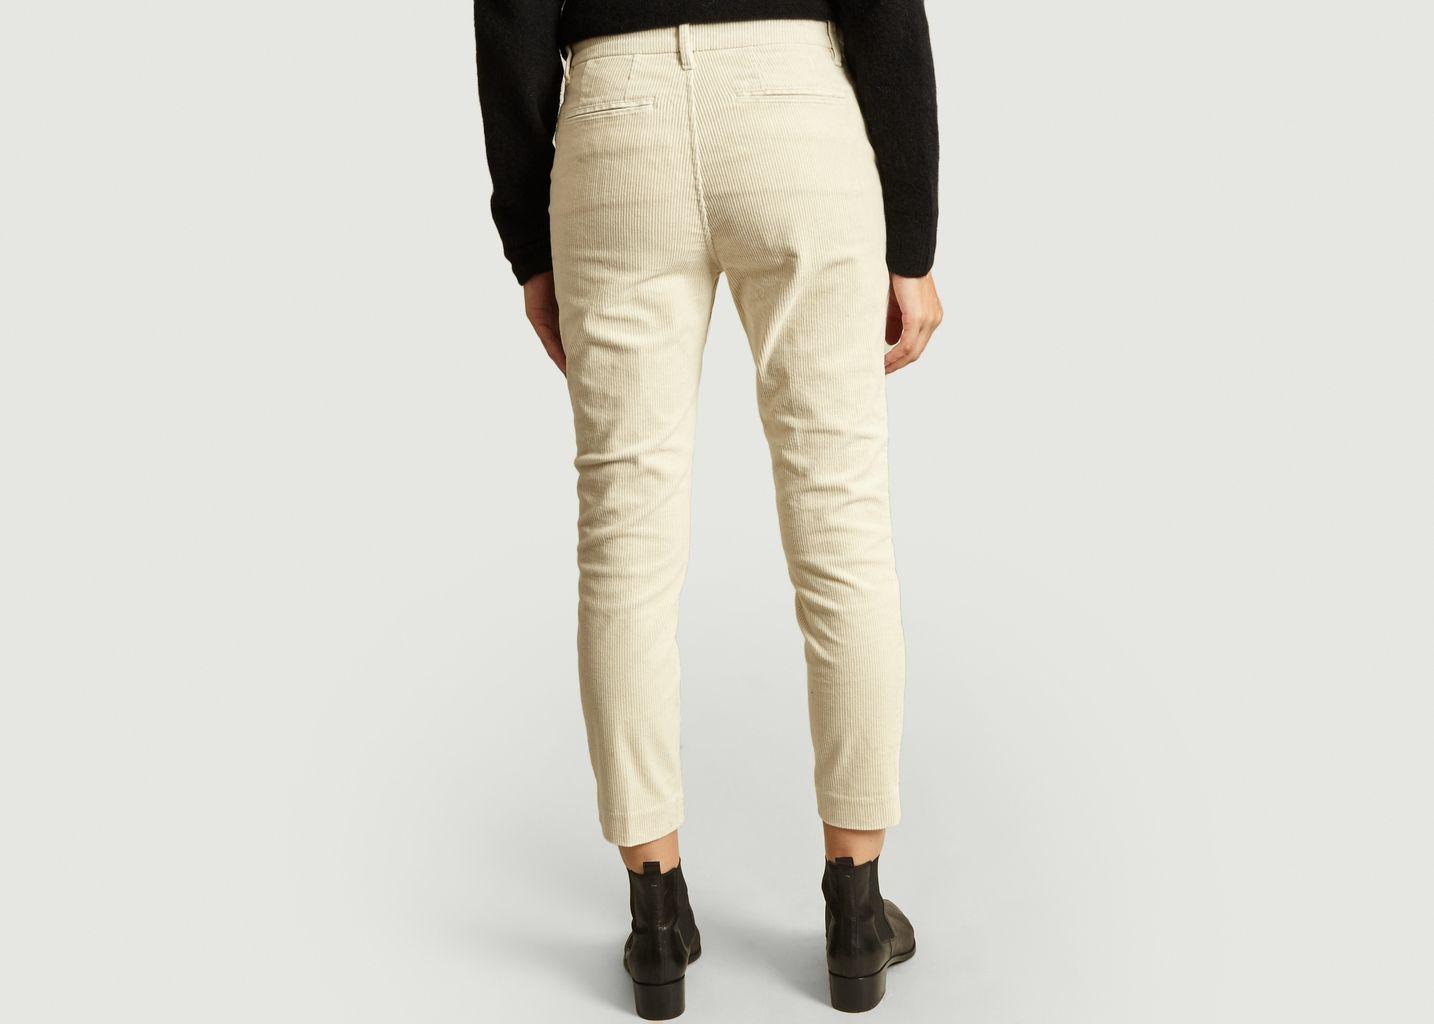 Pantalon En Velours 7/8e Jack - Closed